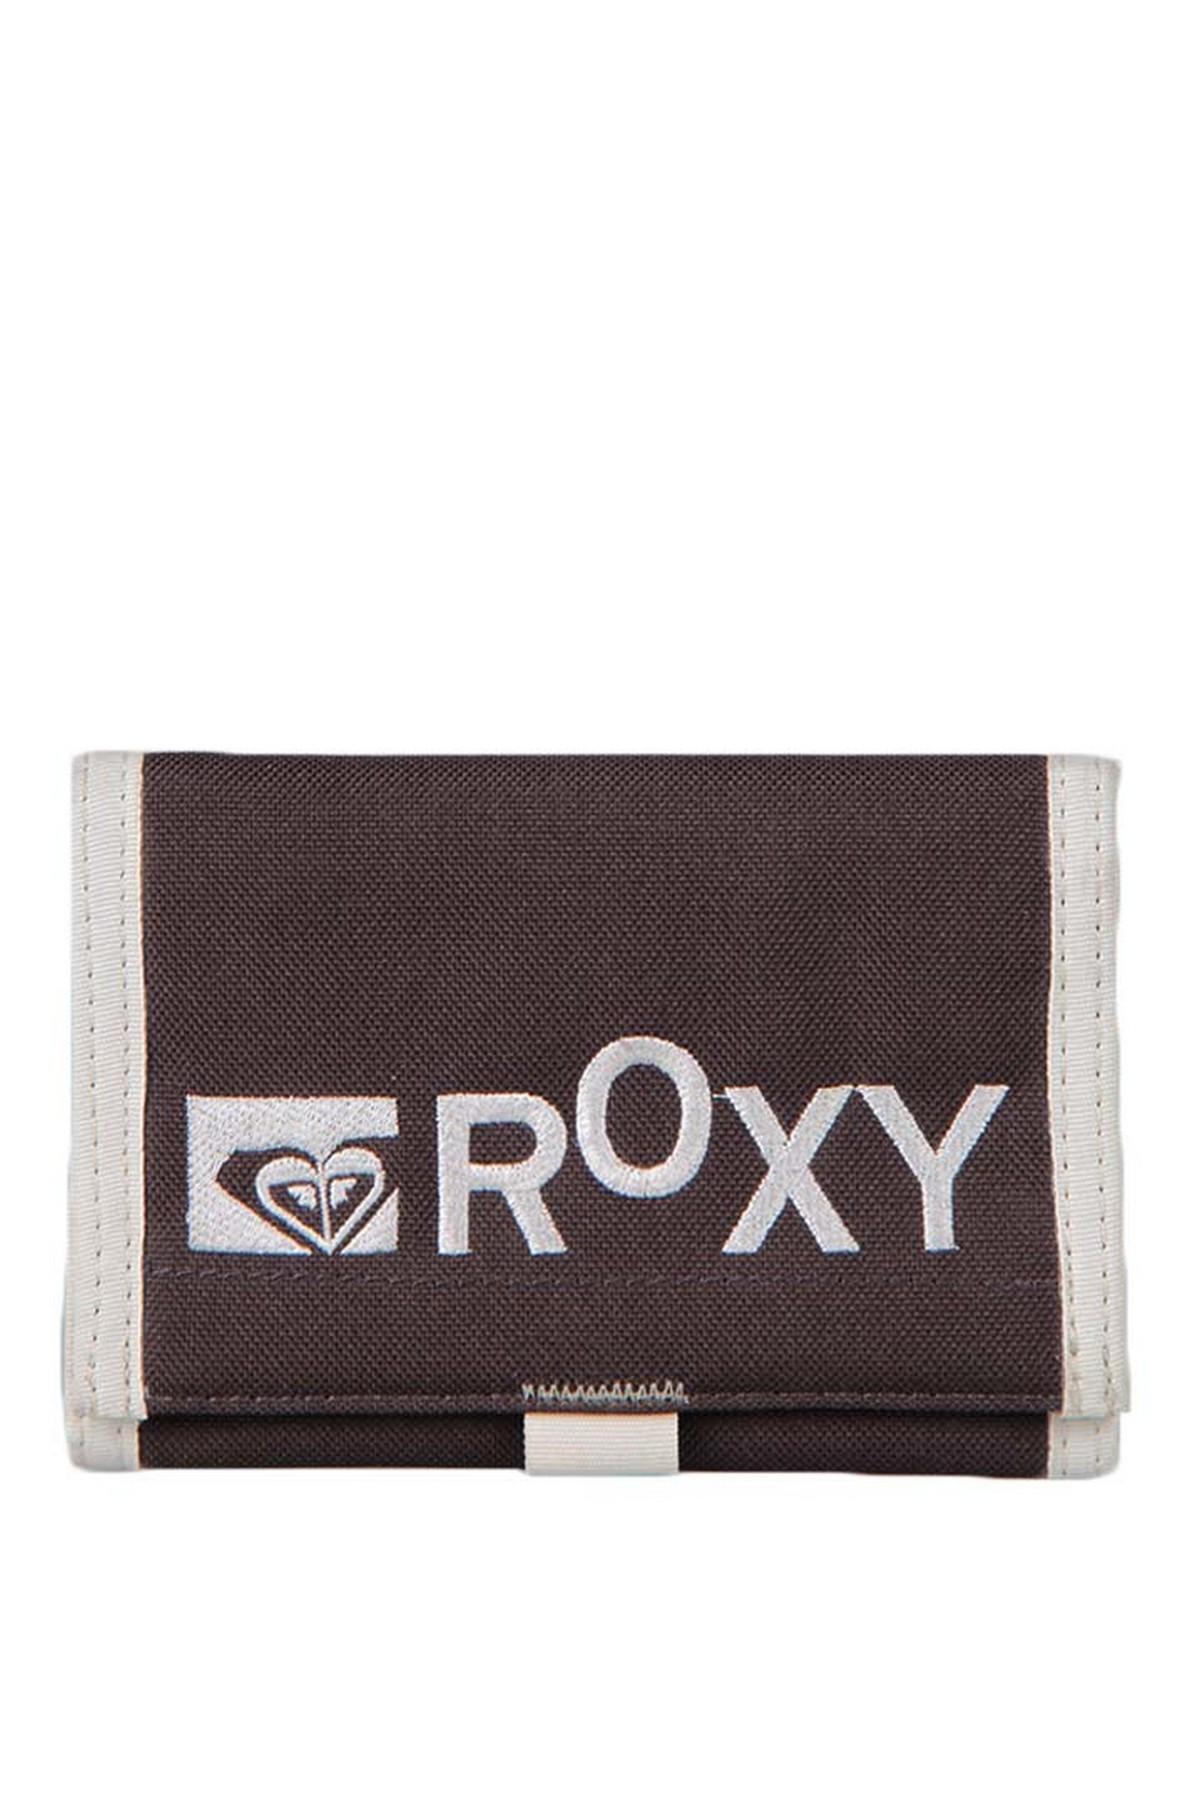 Roxy QMWWT011